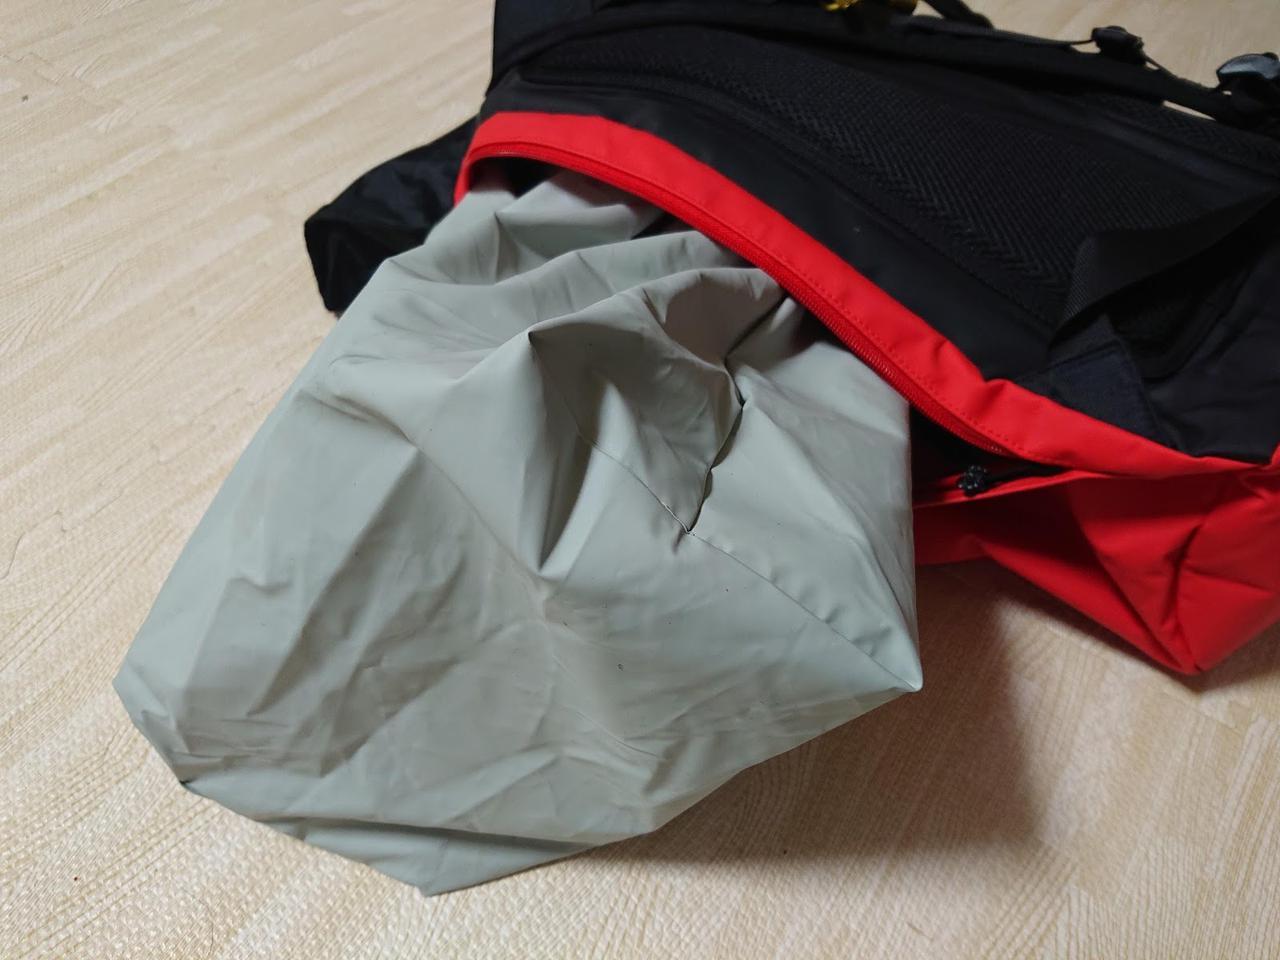 画像: 筆者撮影 防水袋にファスナーは一切ありません。